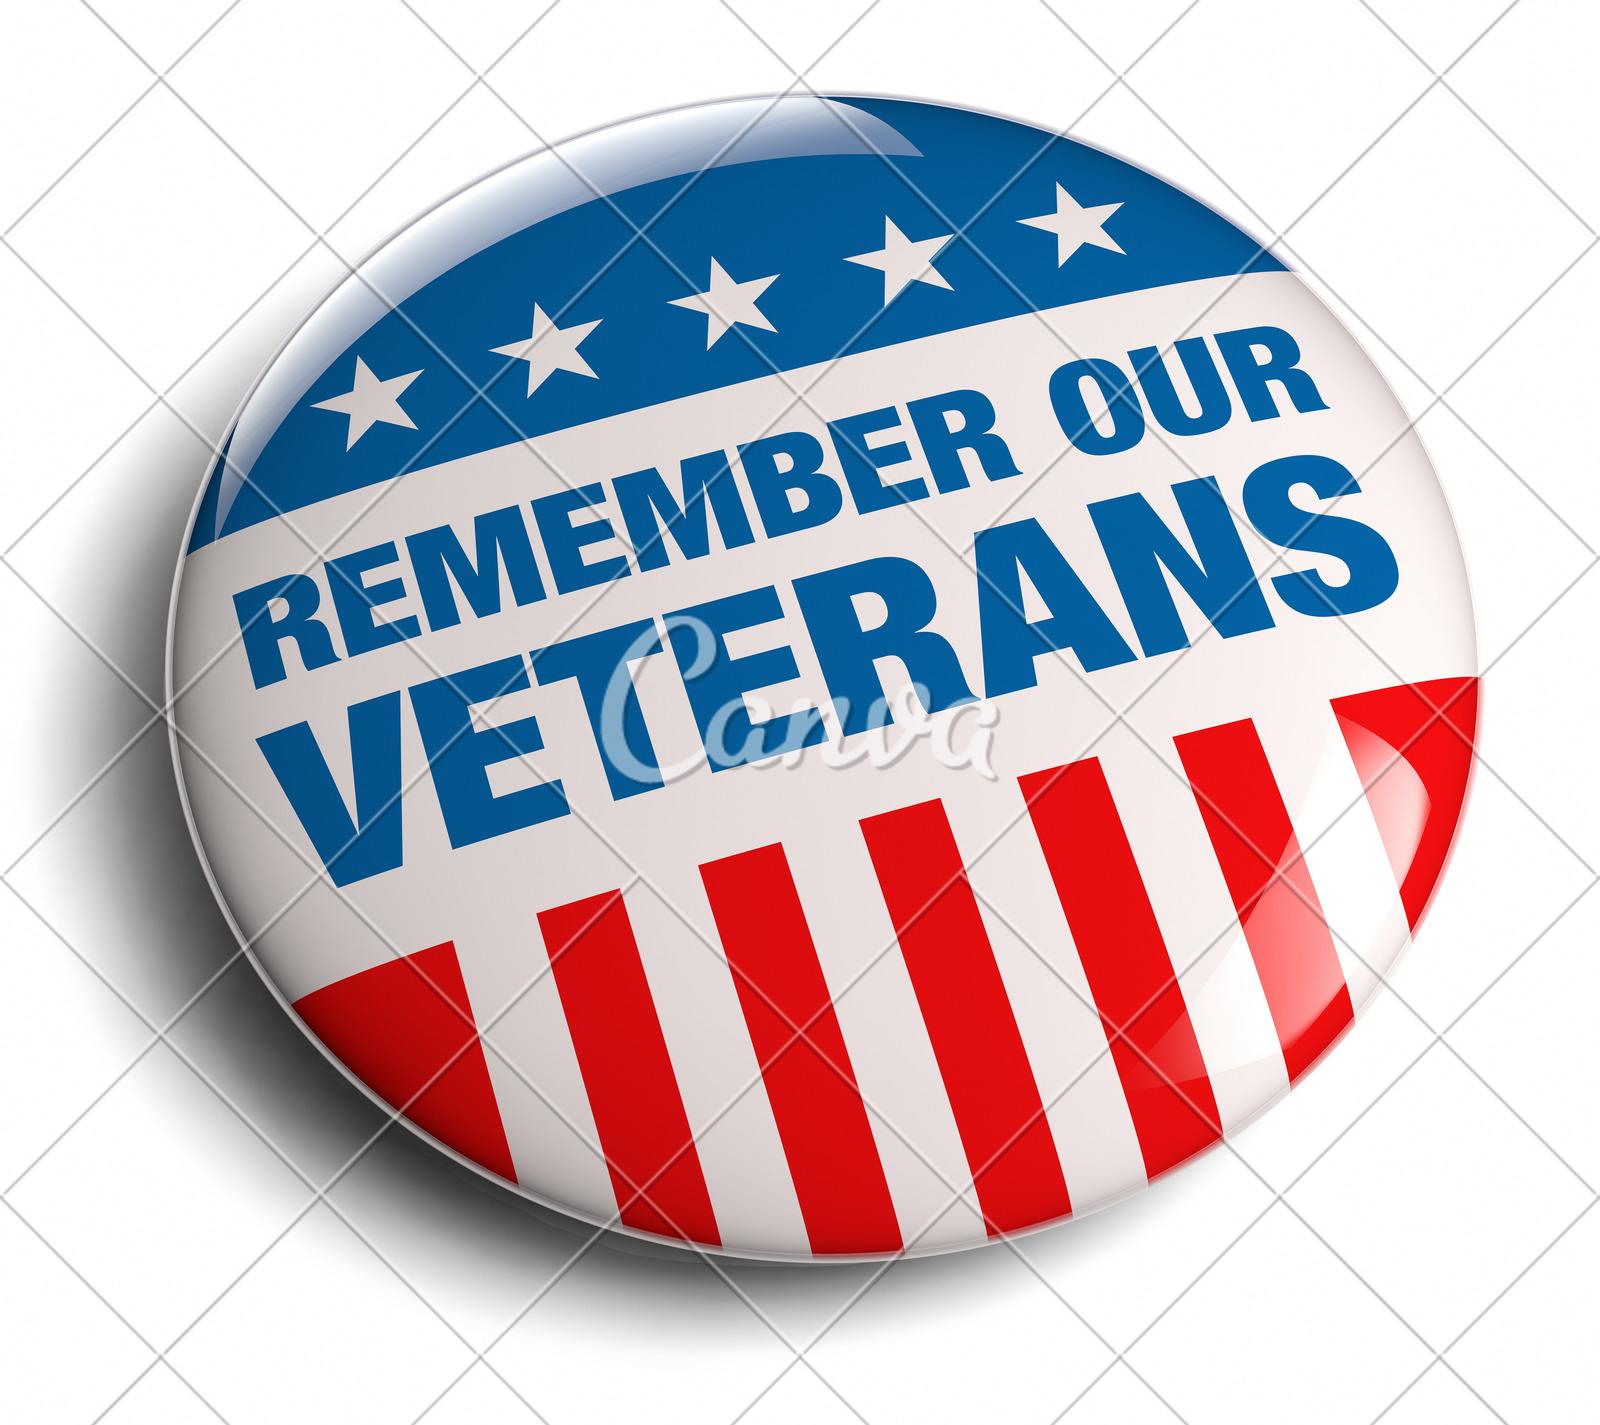 Veterans Memorial Day.